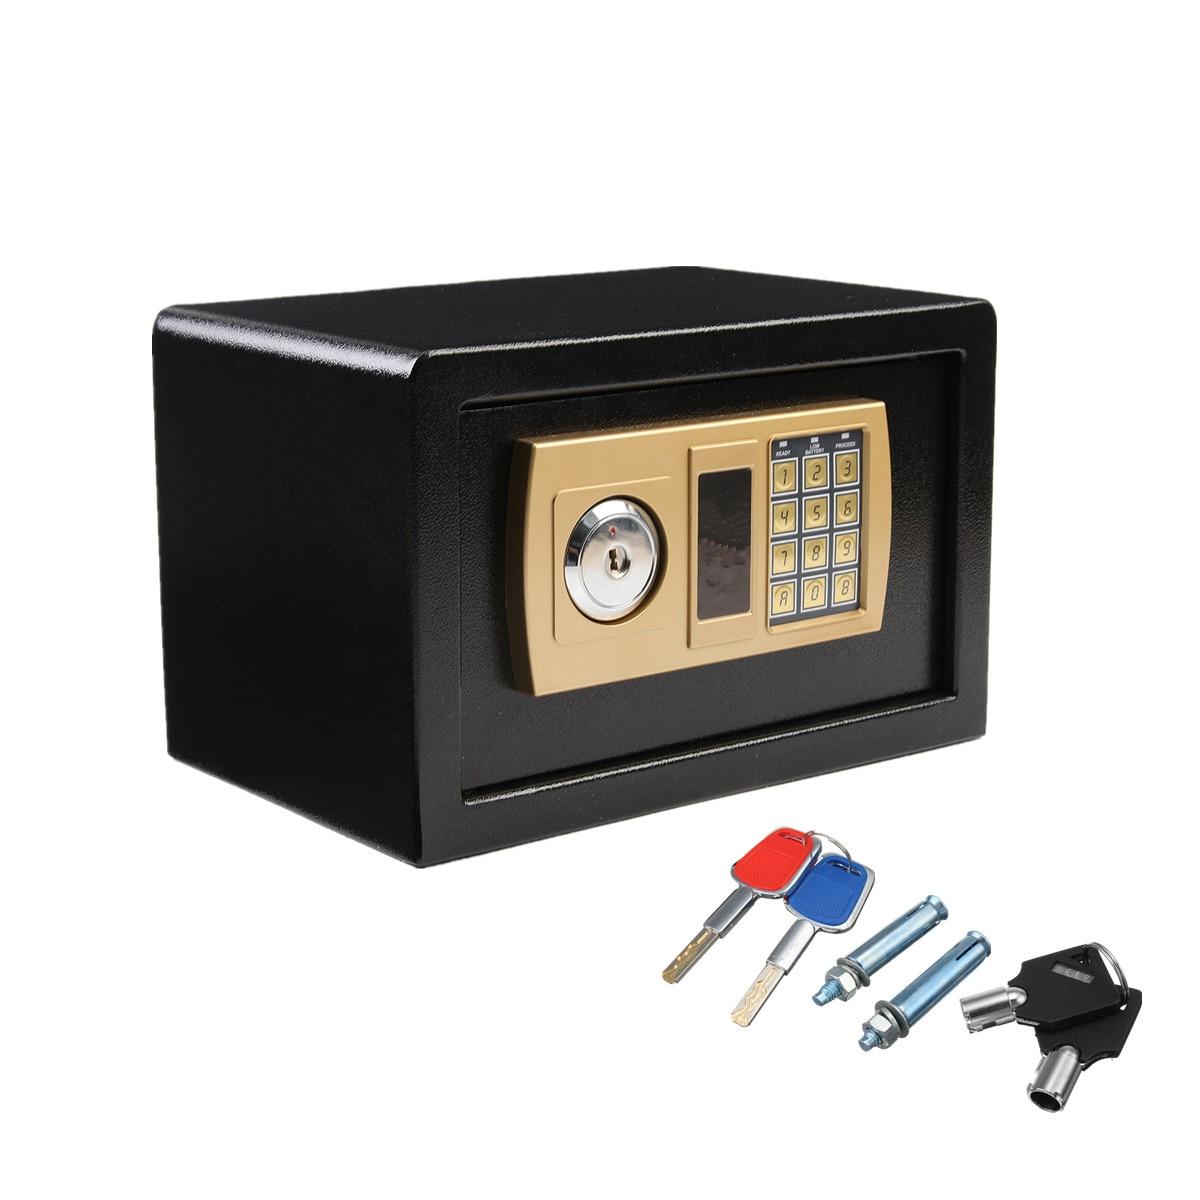 310X200X200 мм цифровой Сейф для доказательства пожара Идеально безопасности секрет коробка электронный пароль и безопасный для Jewellery Gold caja fuerte